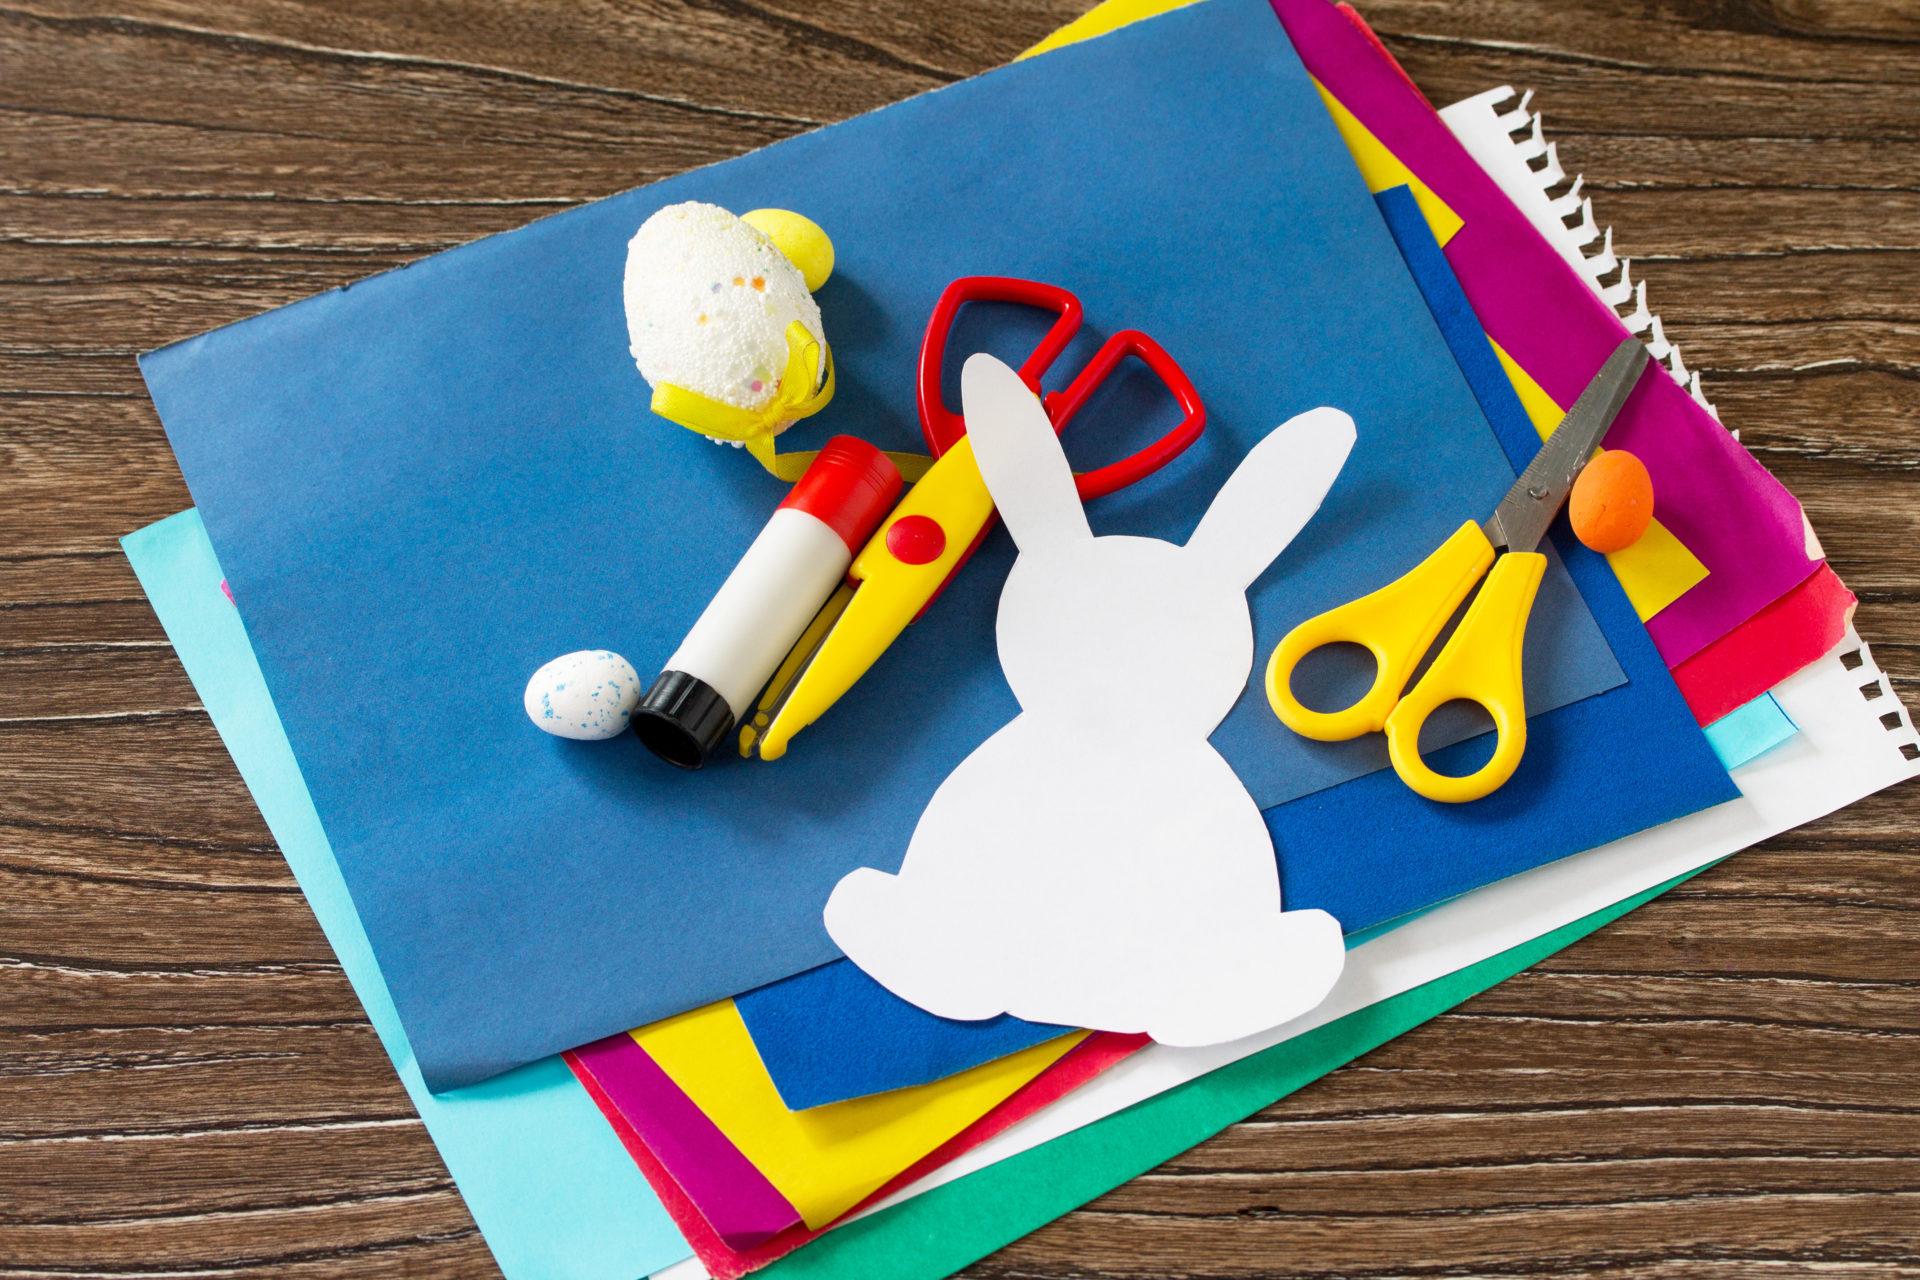 Bricolage Paques Maternelle Et Cp - Un Max D'idées à Activité Manuelle Pour Petit